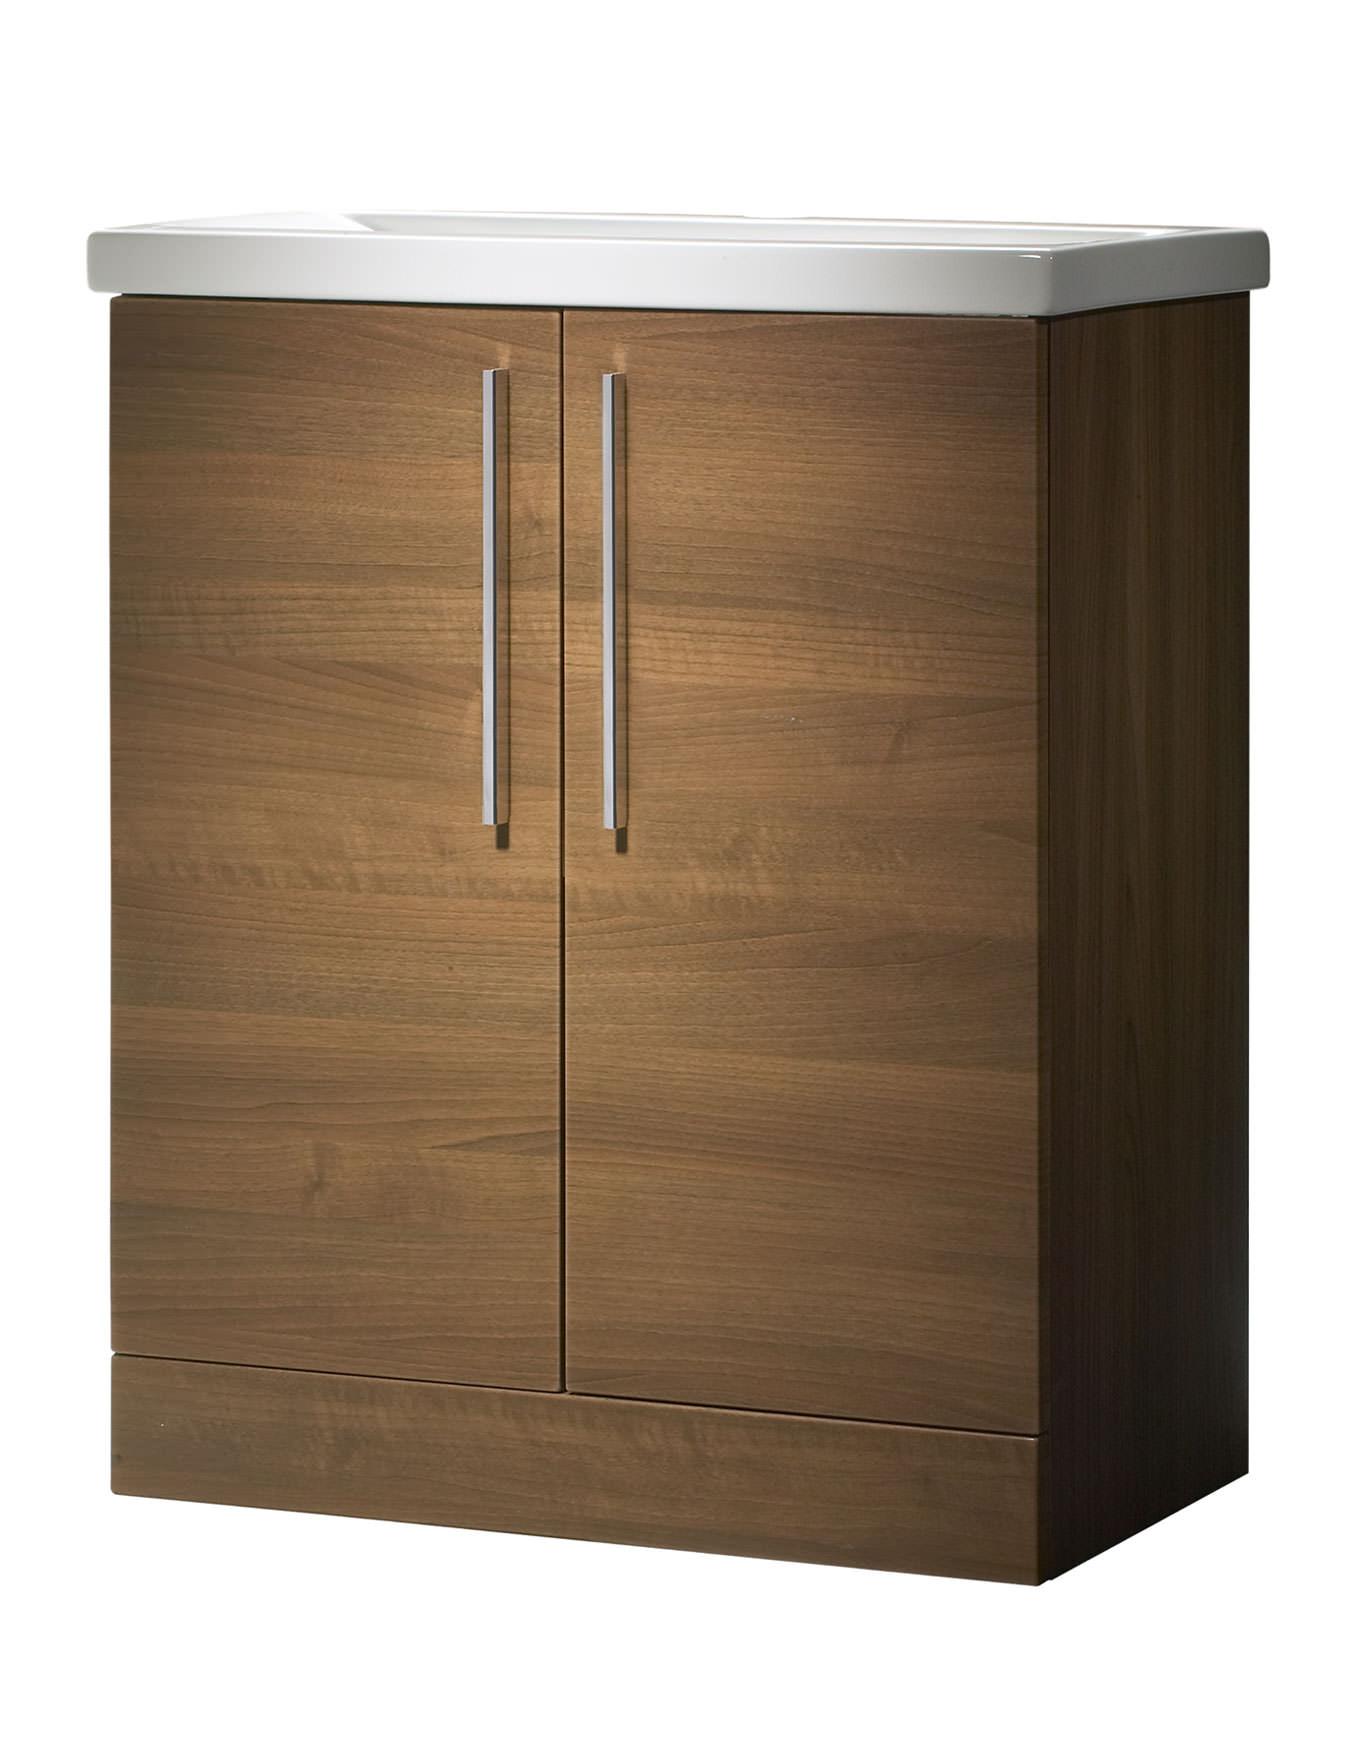 Roper Rhodes Envy 700mm Walnut Floorstanding Vanity Unit